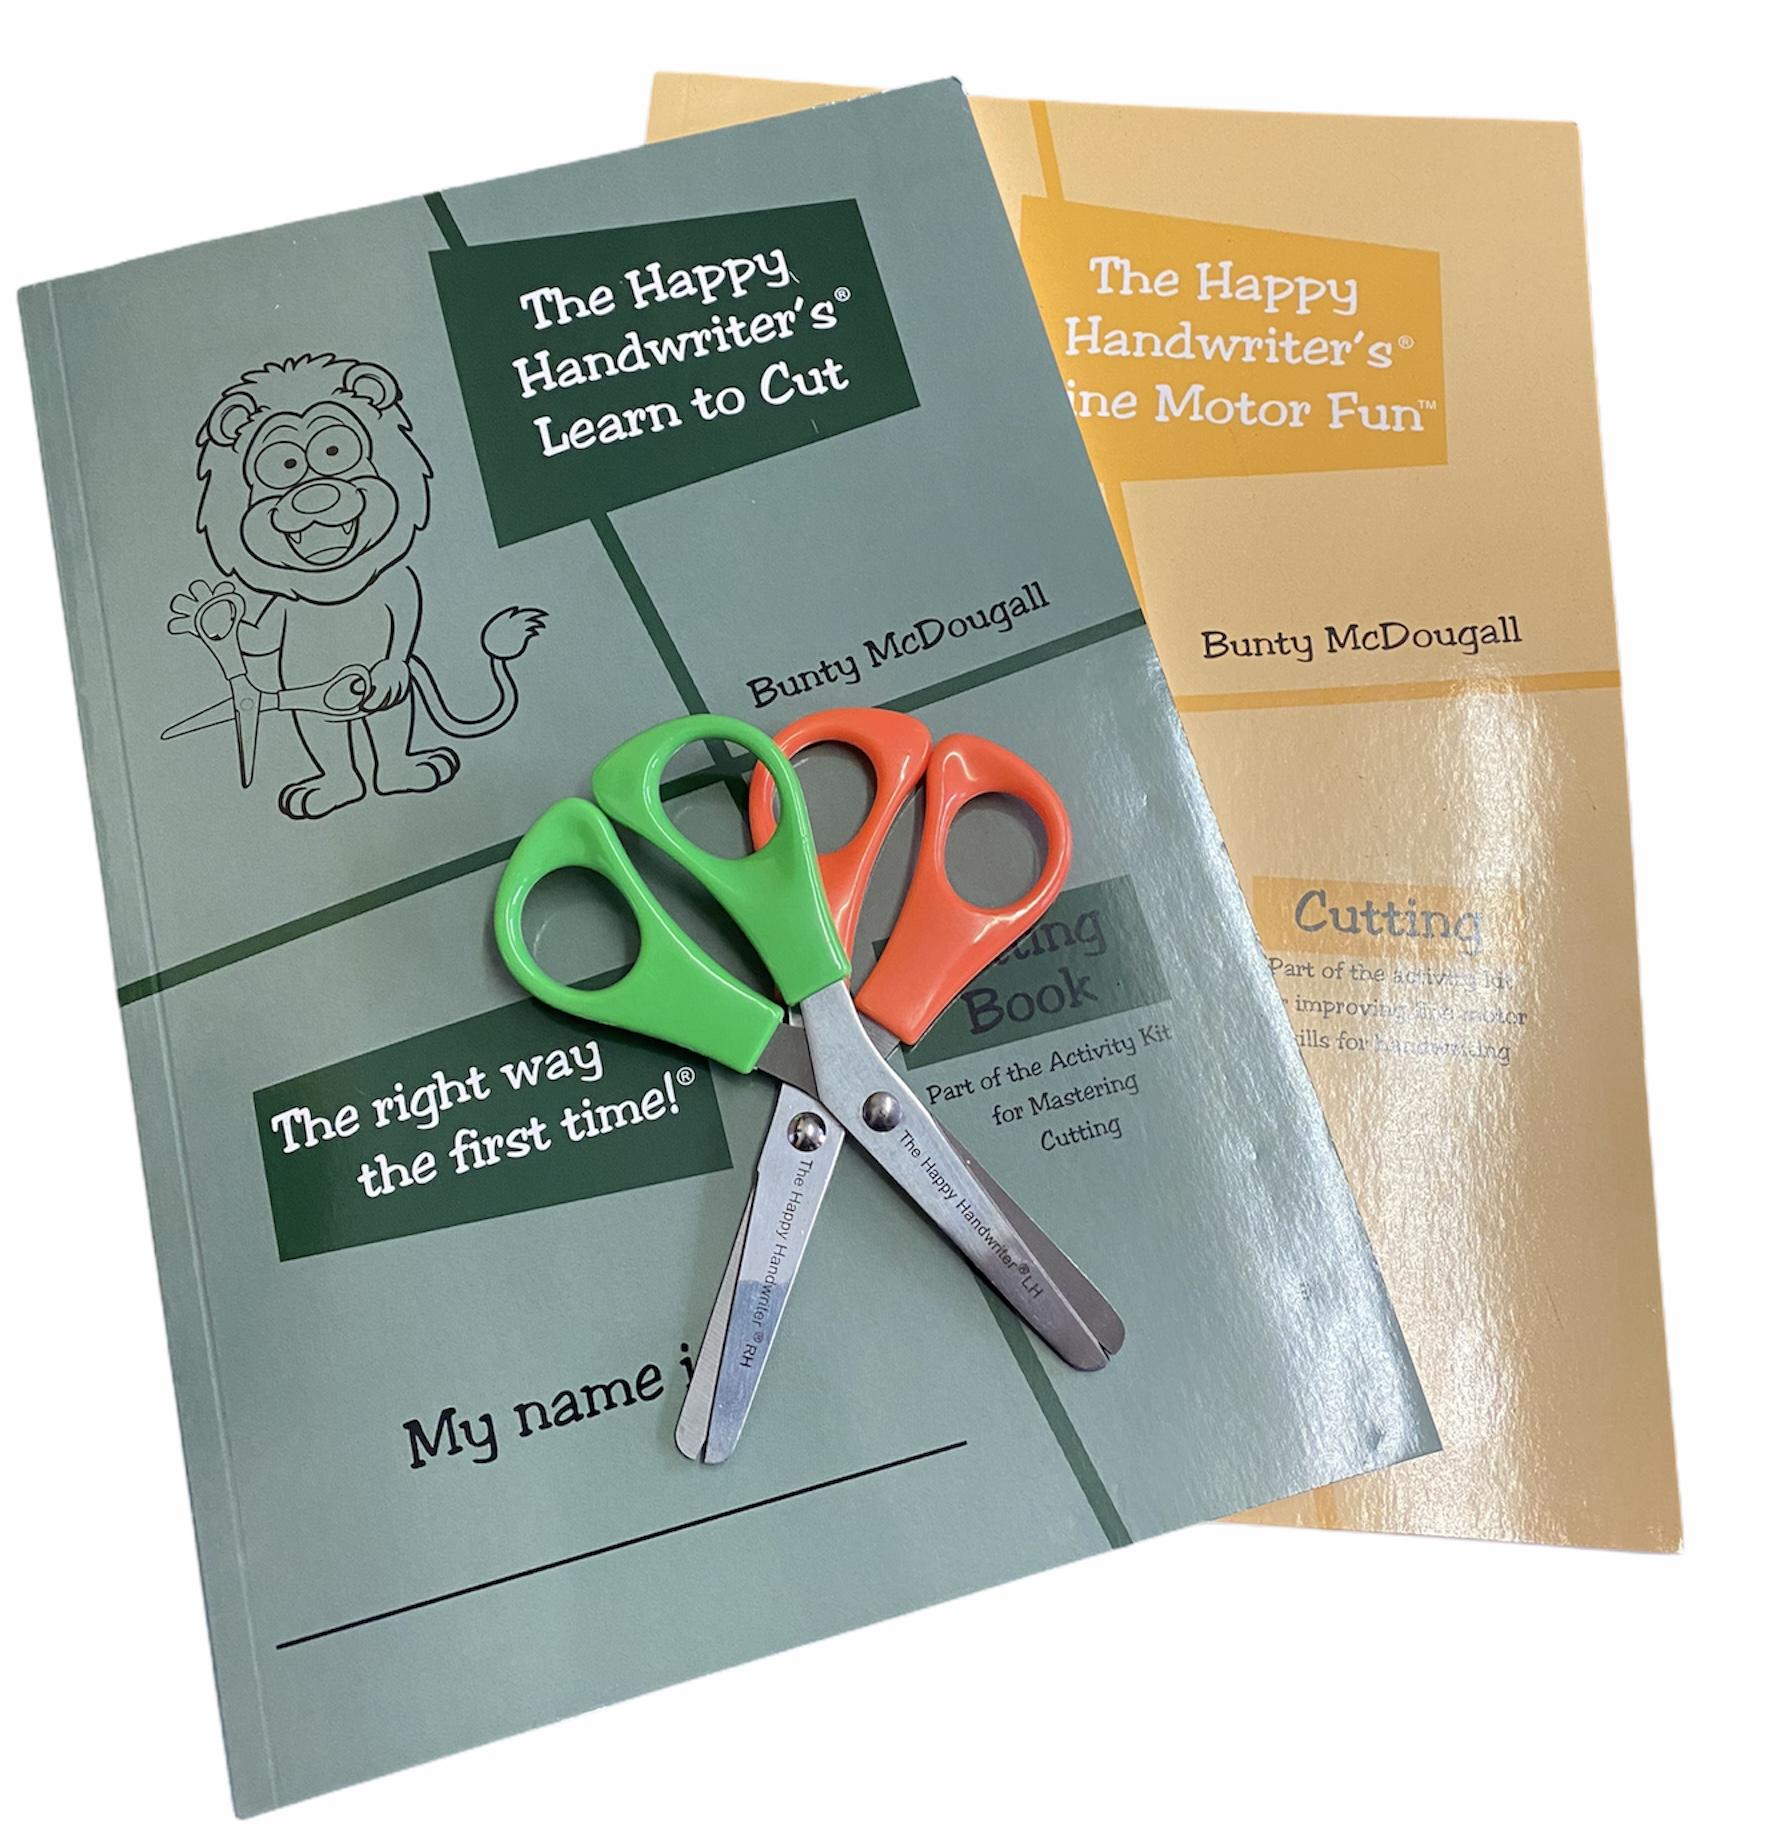 Cutting books and scissors